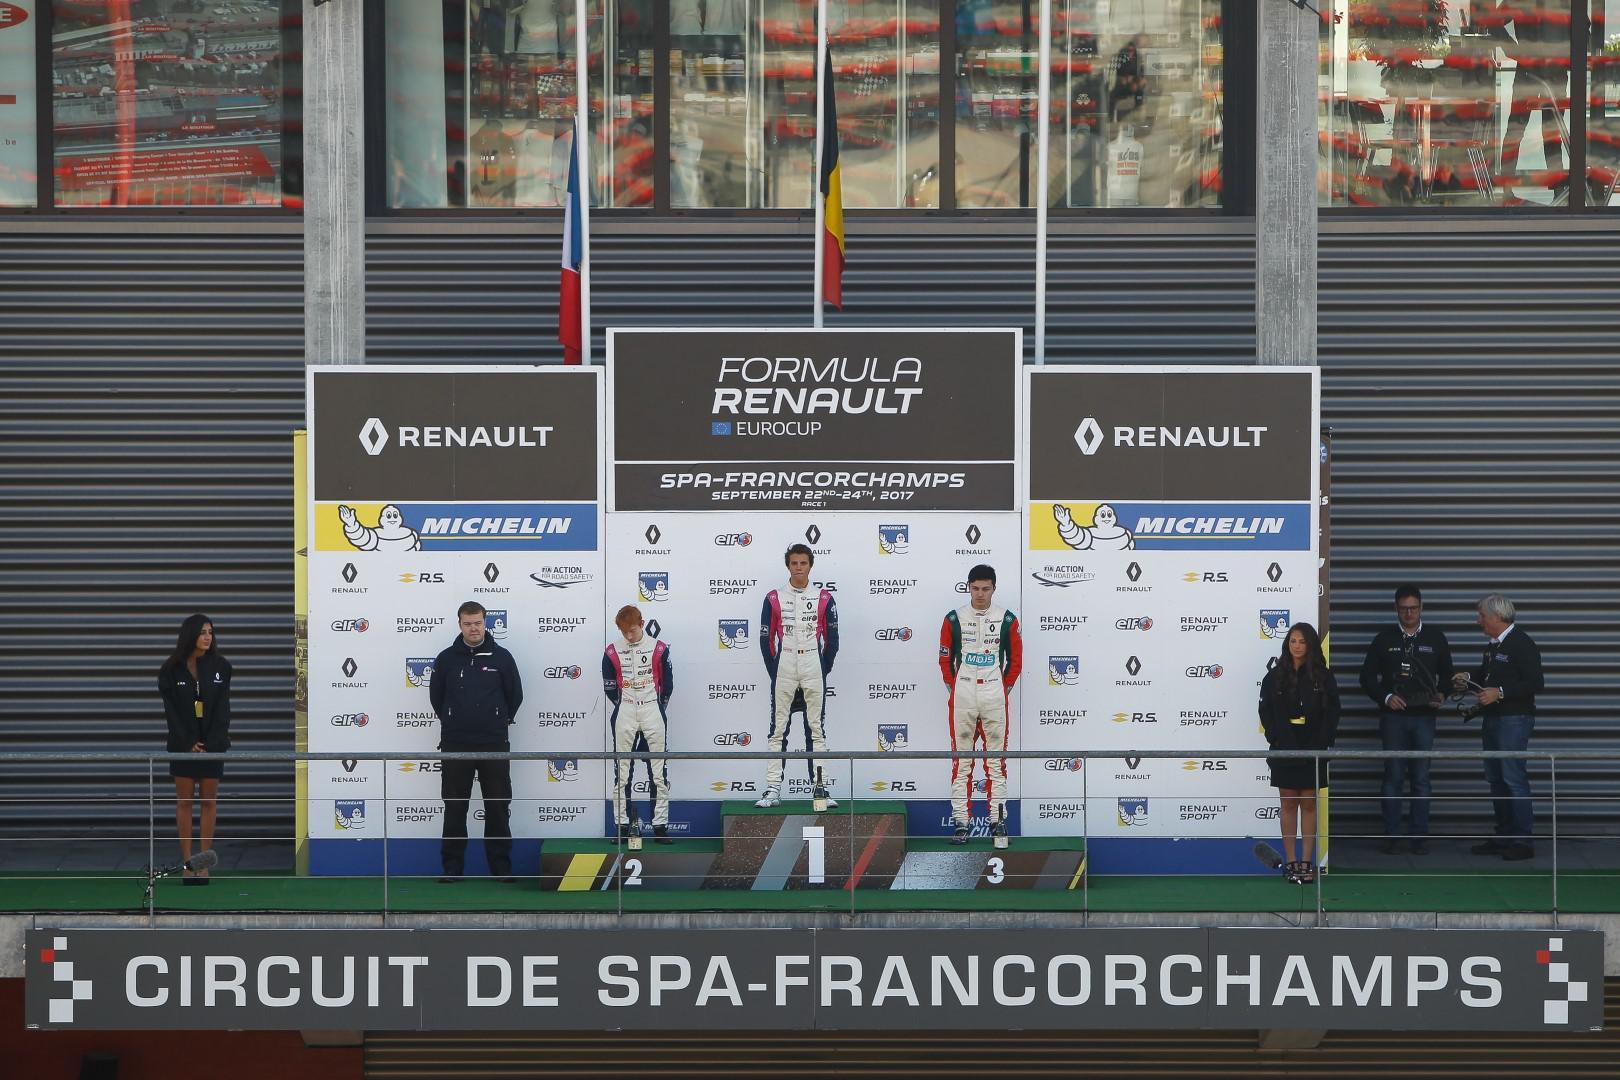 2eme-au-championnat-le-marocain-benyahia-se-replace-dans-la-course-au-titre-nec-formule-renault-2-0-425-1.jpg